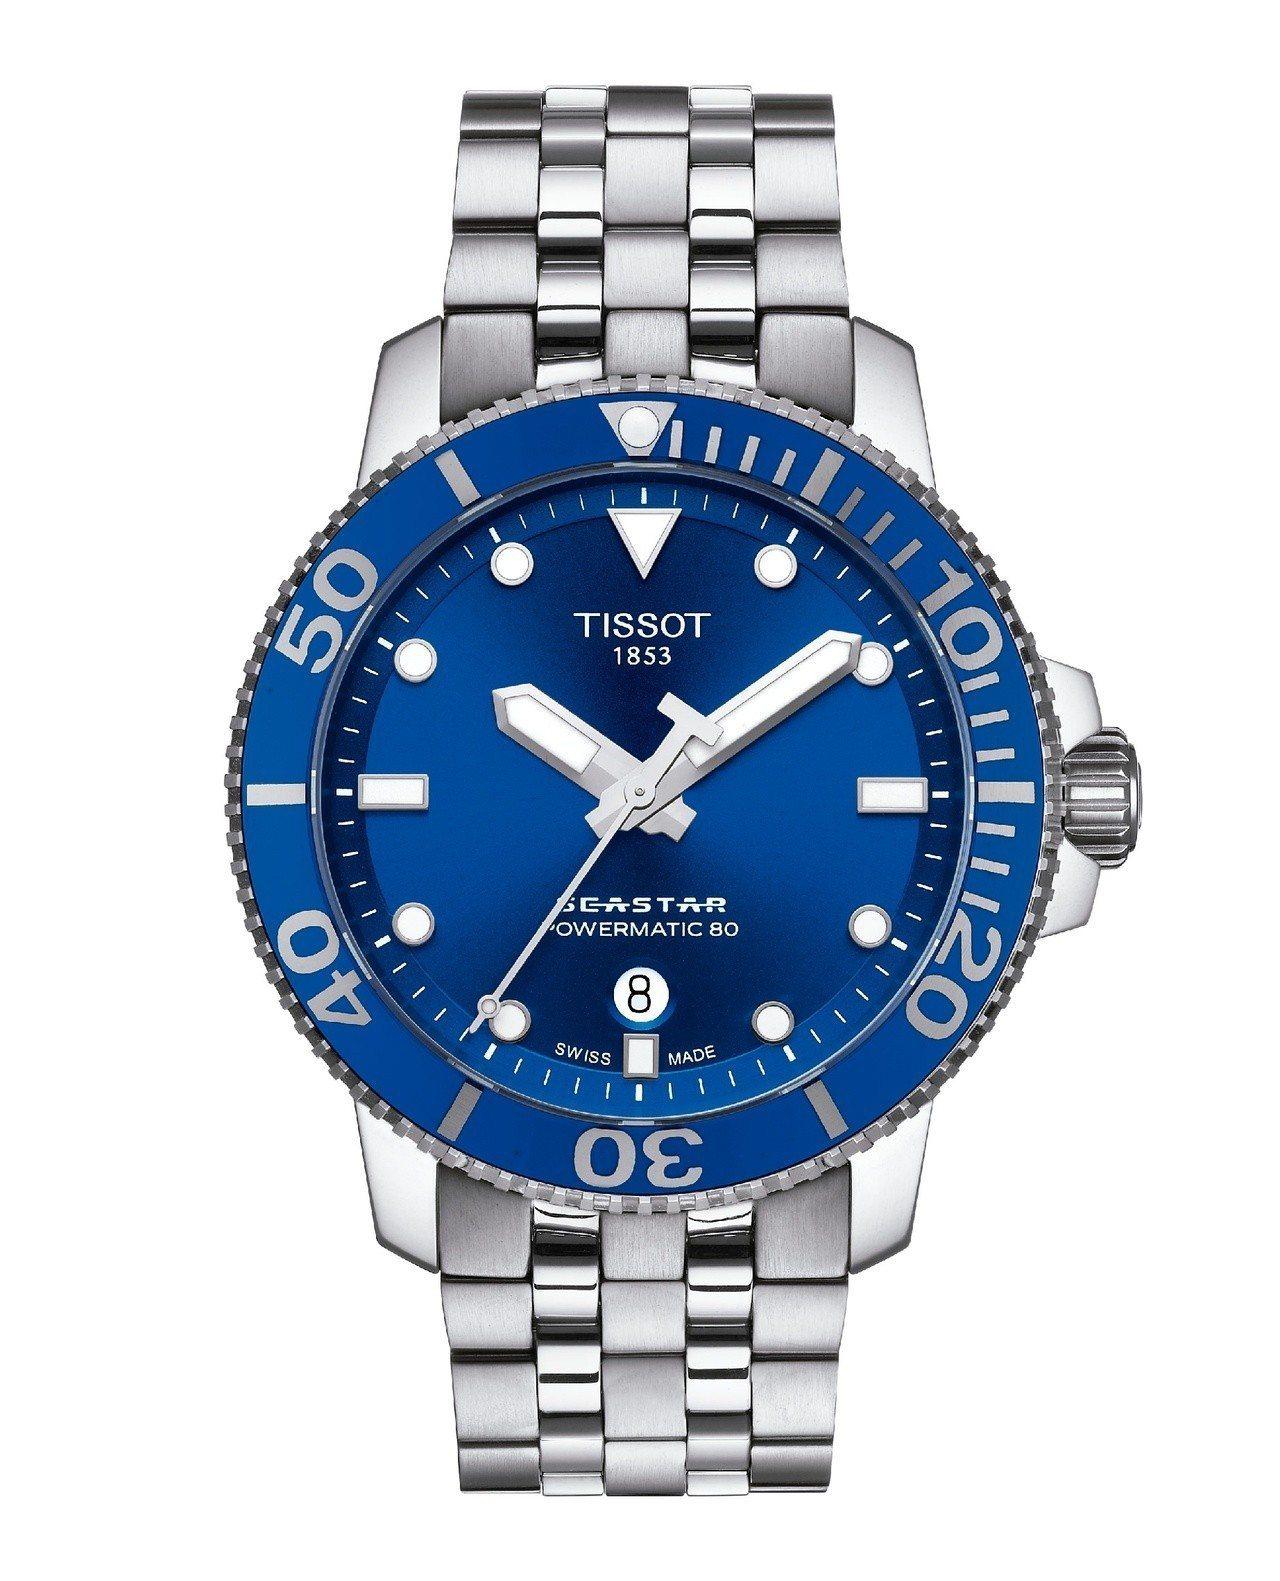 天梭Seastar 1000系列自動款潛水腕表,不鏽鋼表殼搭配陶瓷表圈、藍色表面...